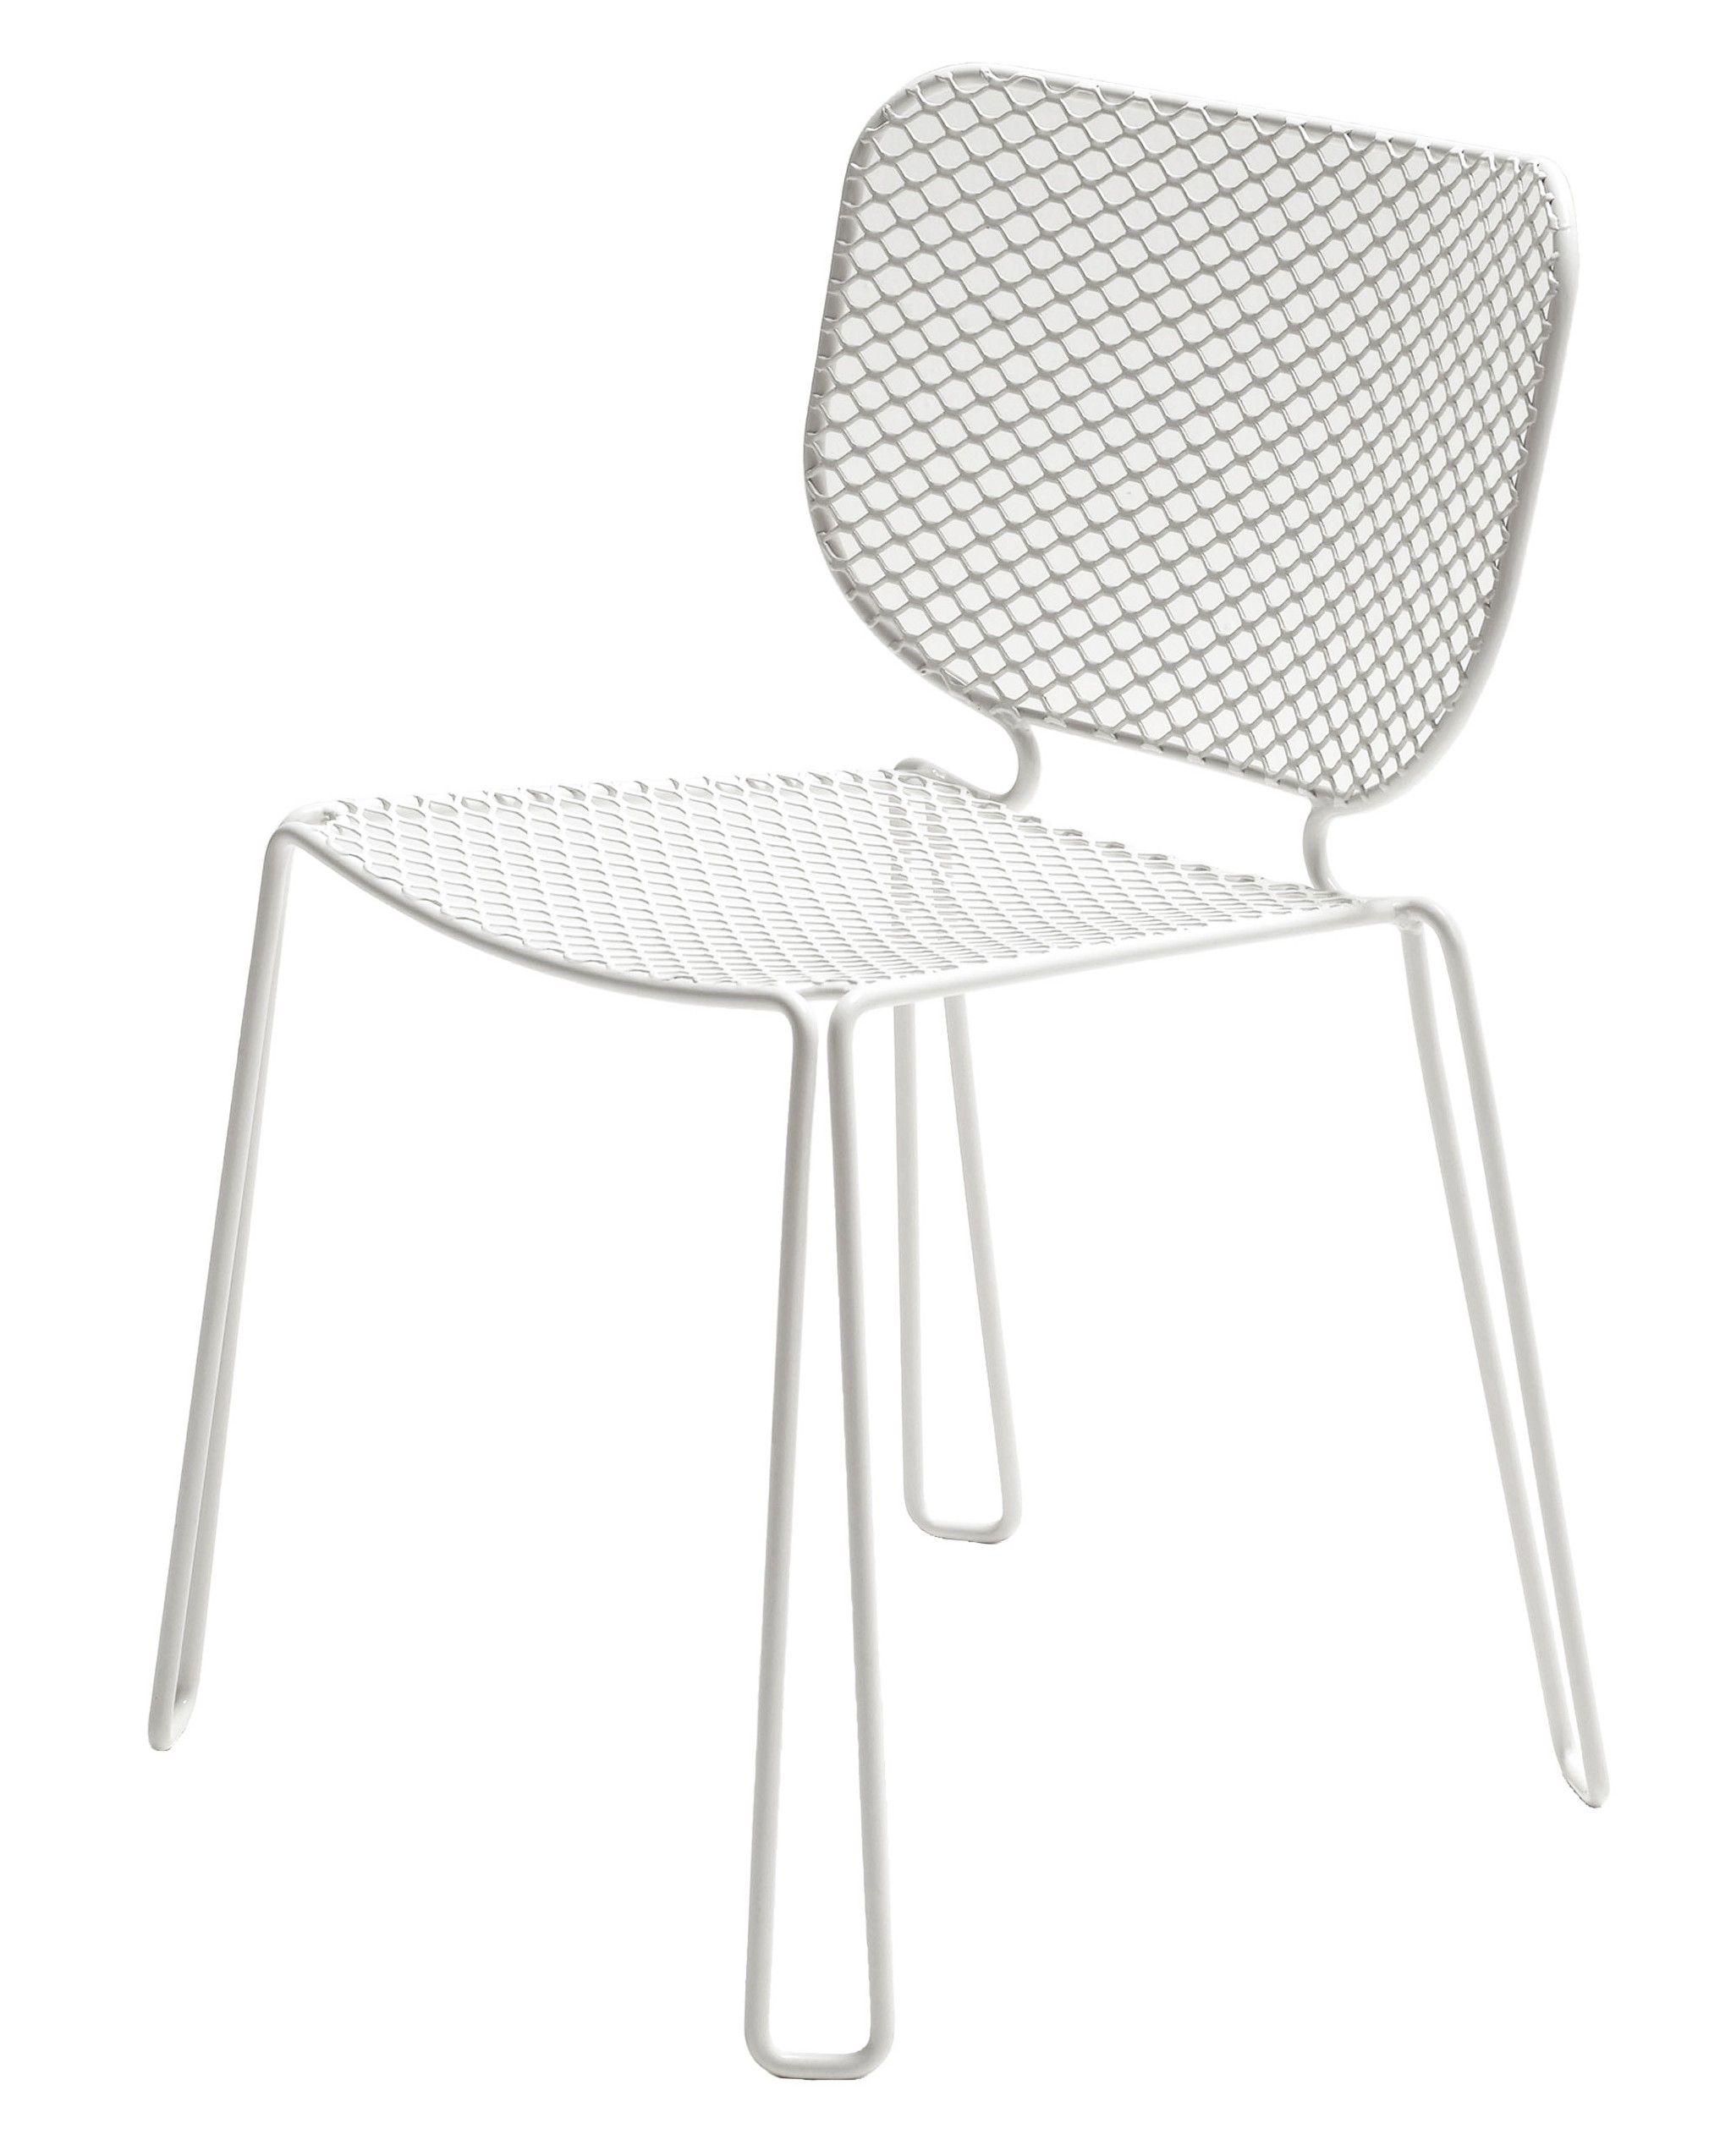 Jetzt bei Desigano.com Ivy Stuhl Gartenmöbel, Gartenstühle von emu ...